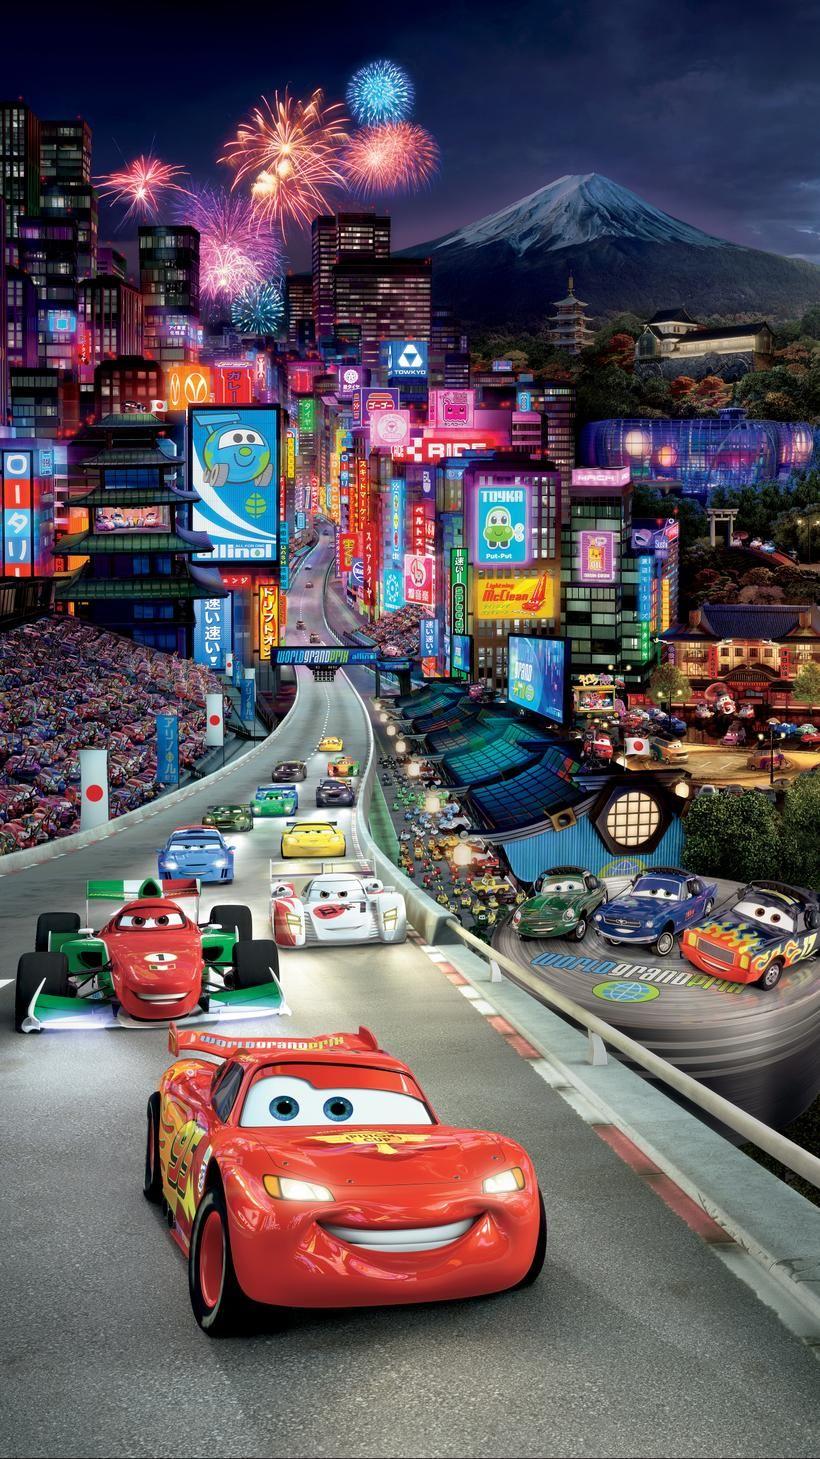 Cars 3 2017 Phone Wallpaper In 2020 Cars Movie Car Wallpapers Pixar Cars